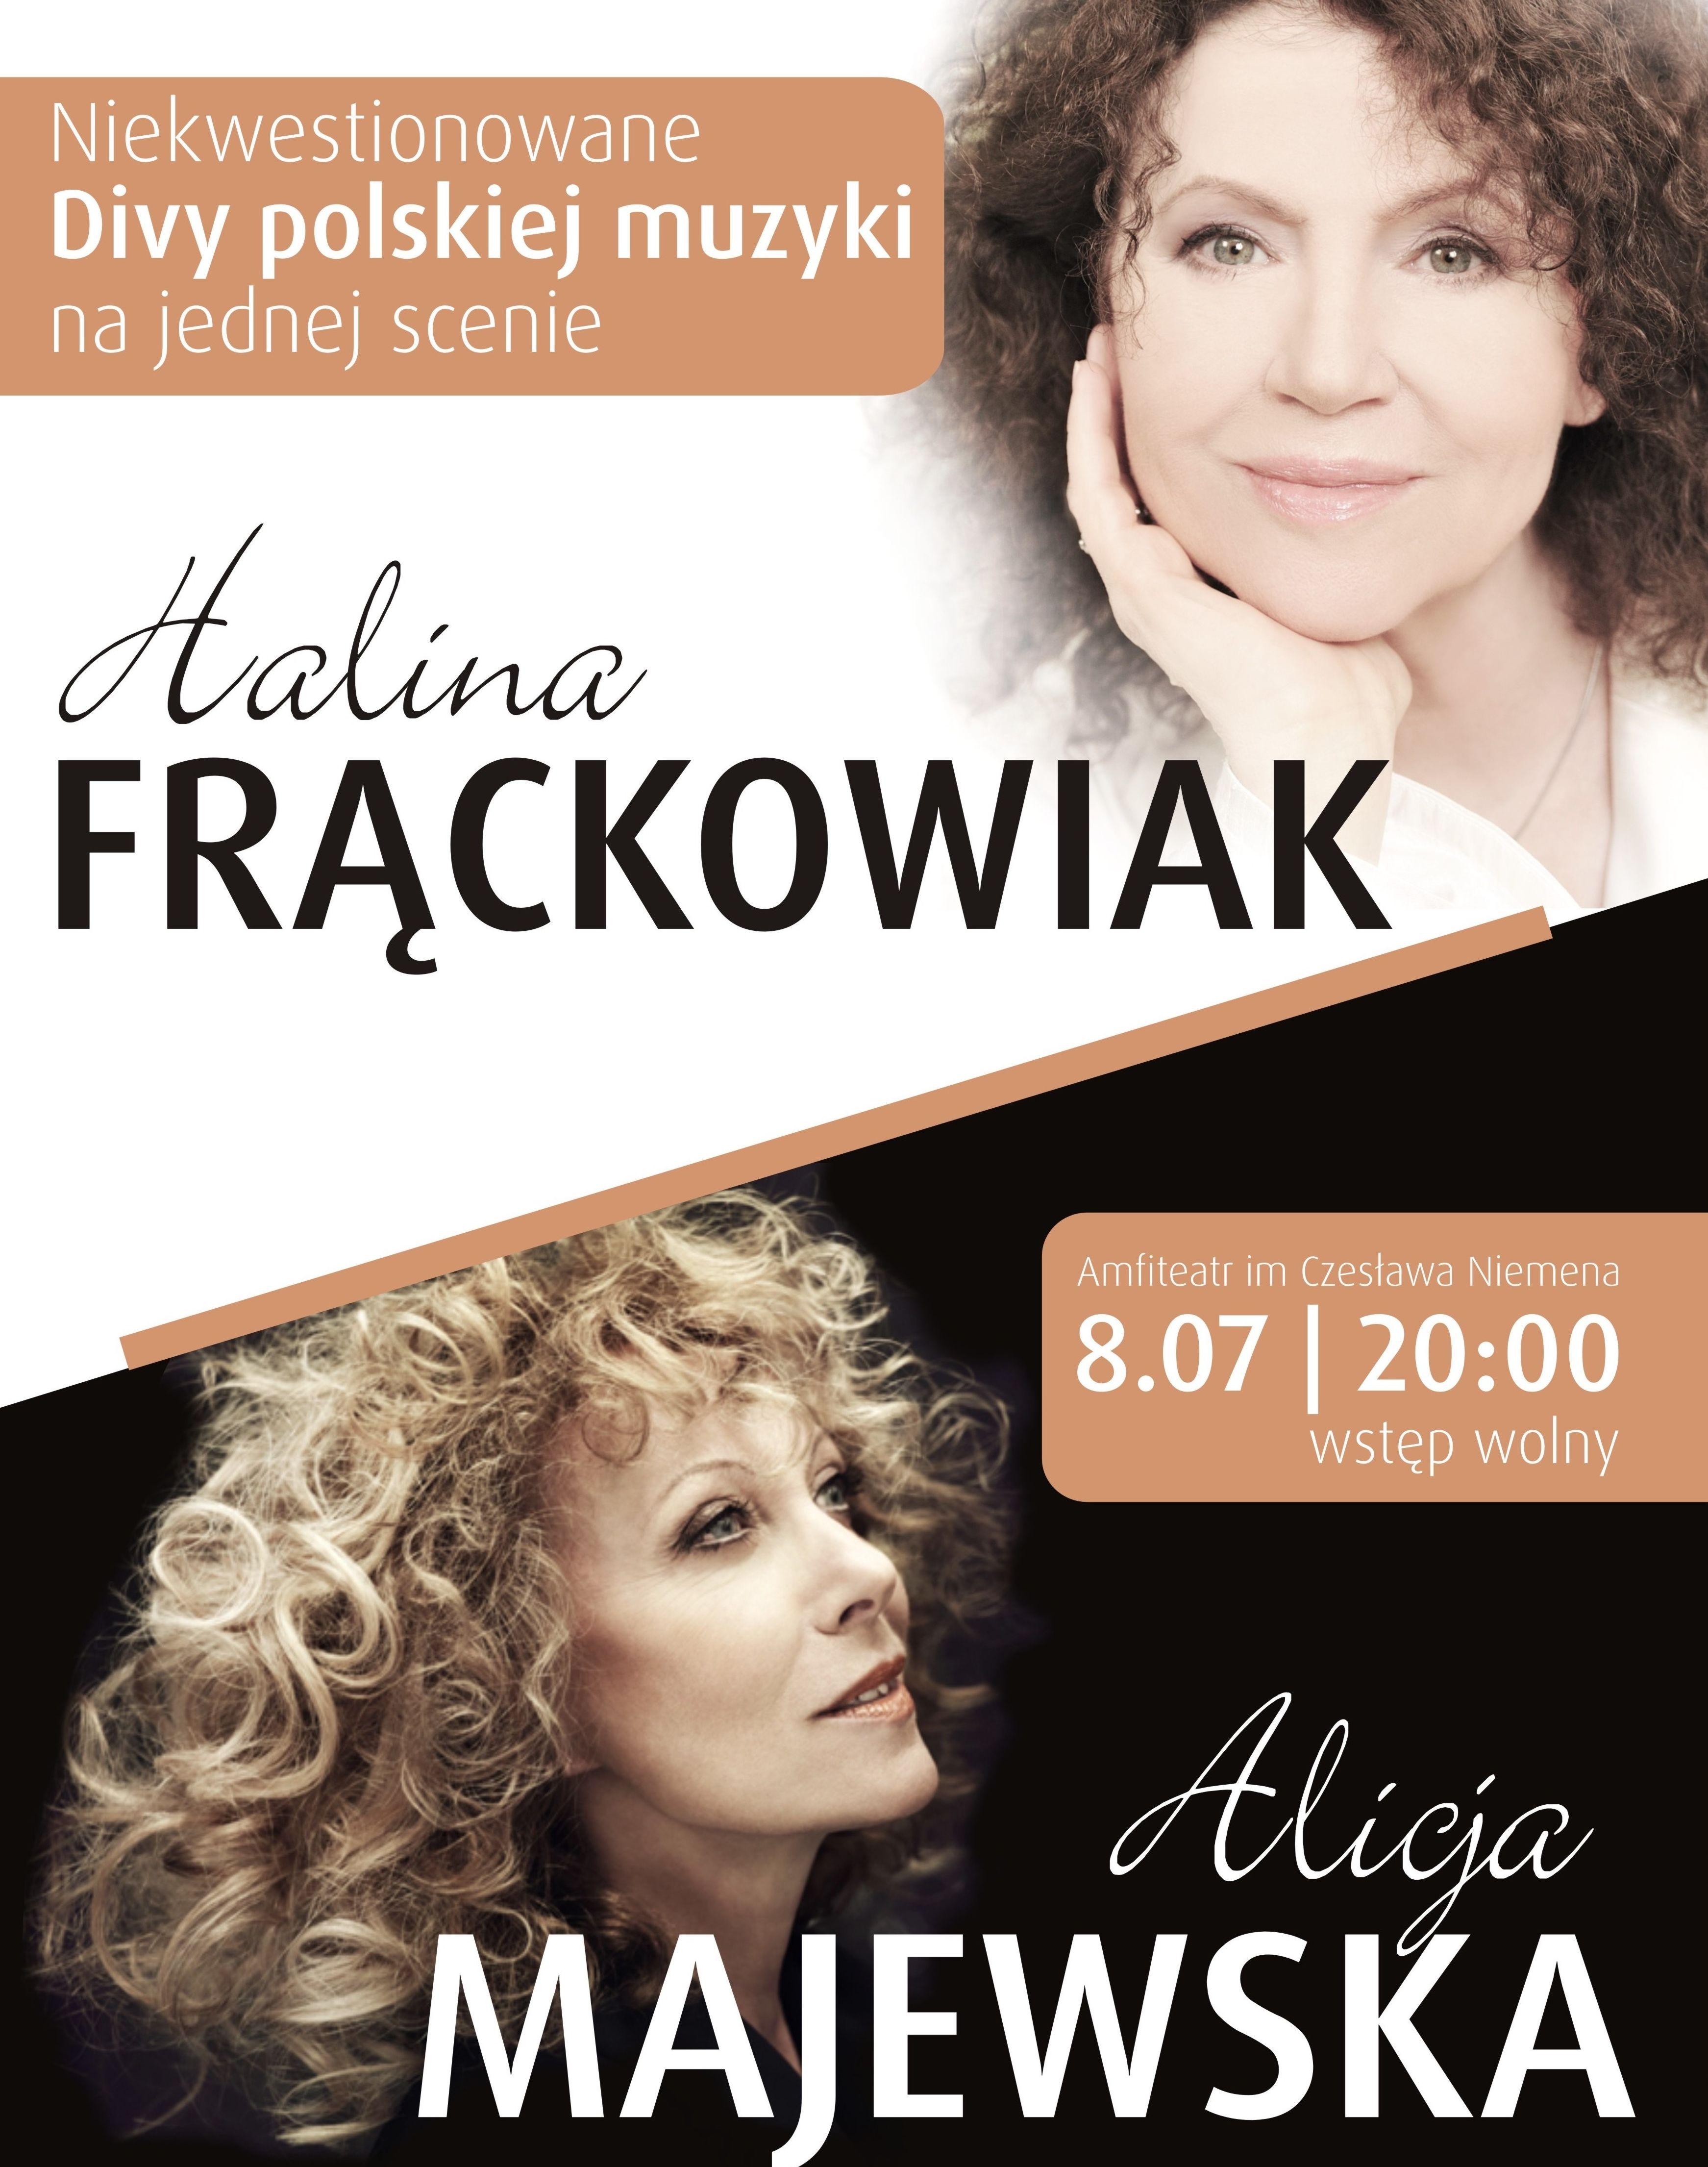 Diwy polskiej estrady na jednej scenie w Olsztynie